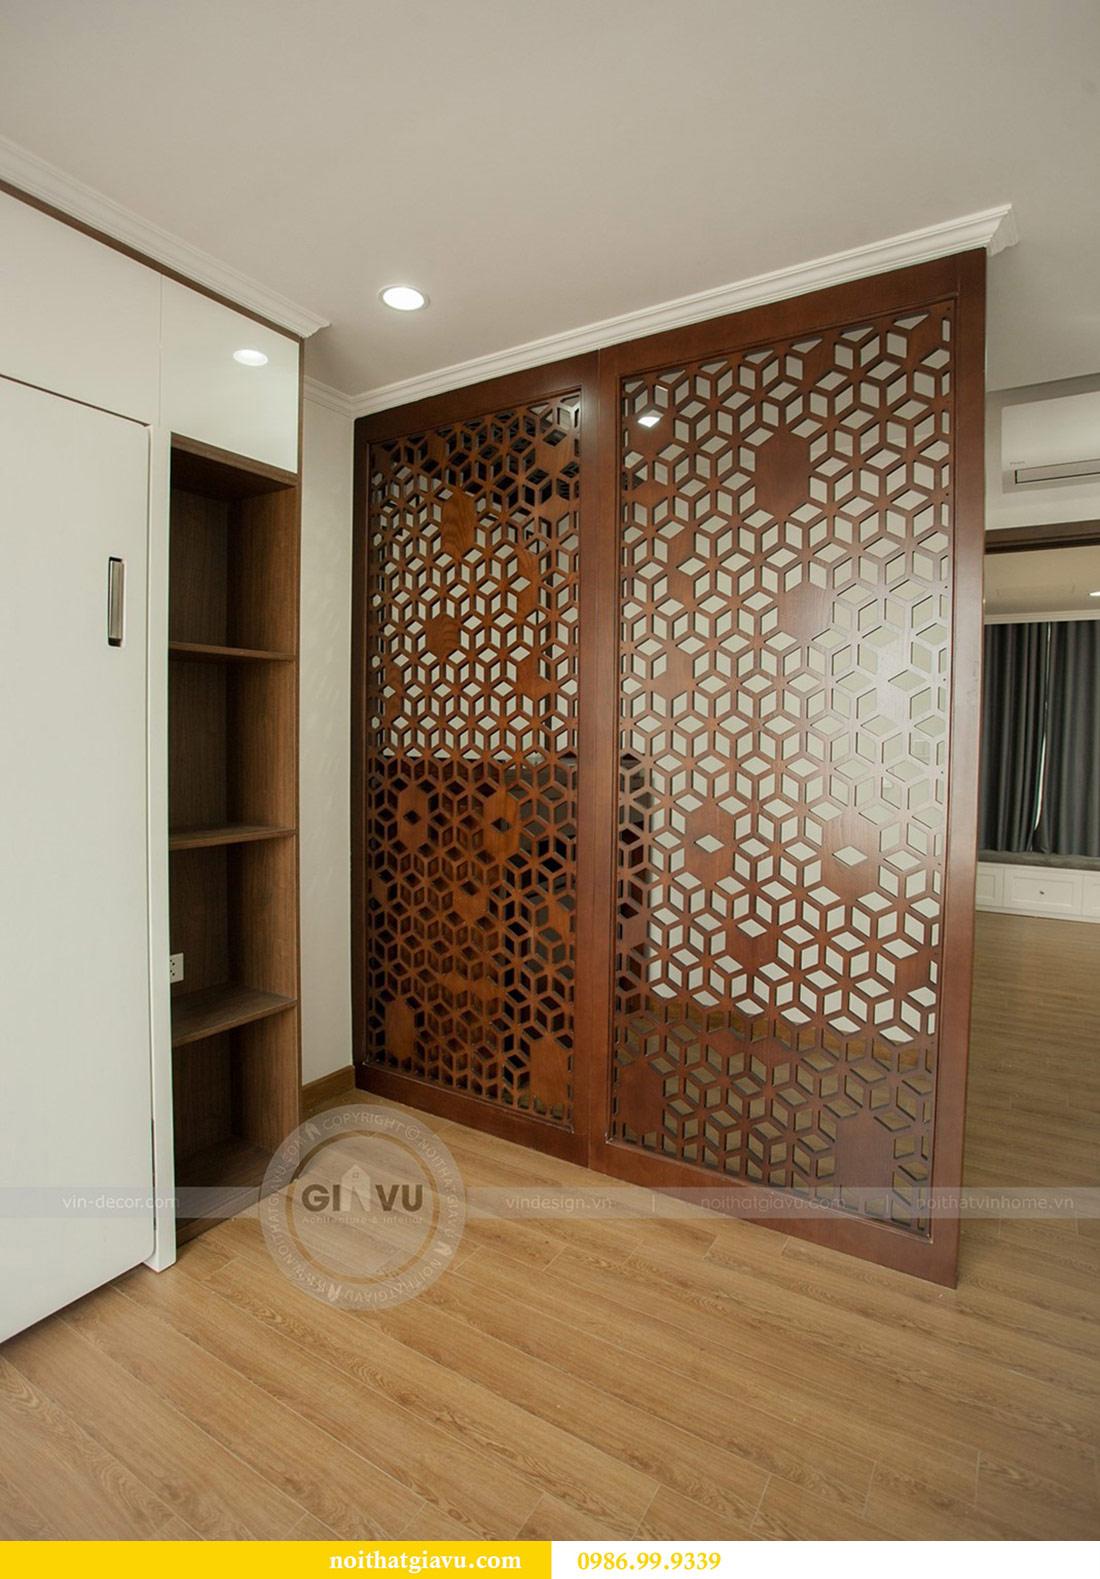 Hoàn thiện nội thất chung cư Seasons Avenue tòa S3 căn 01 - anh Bách 13